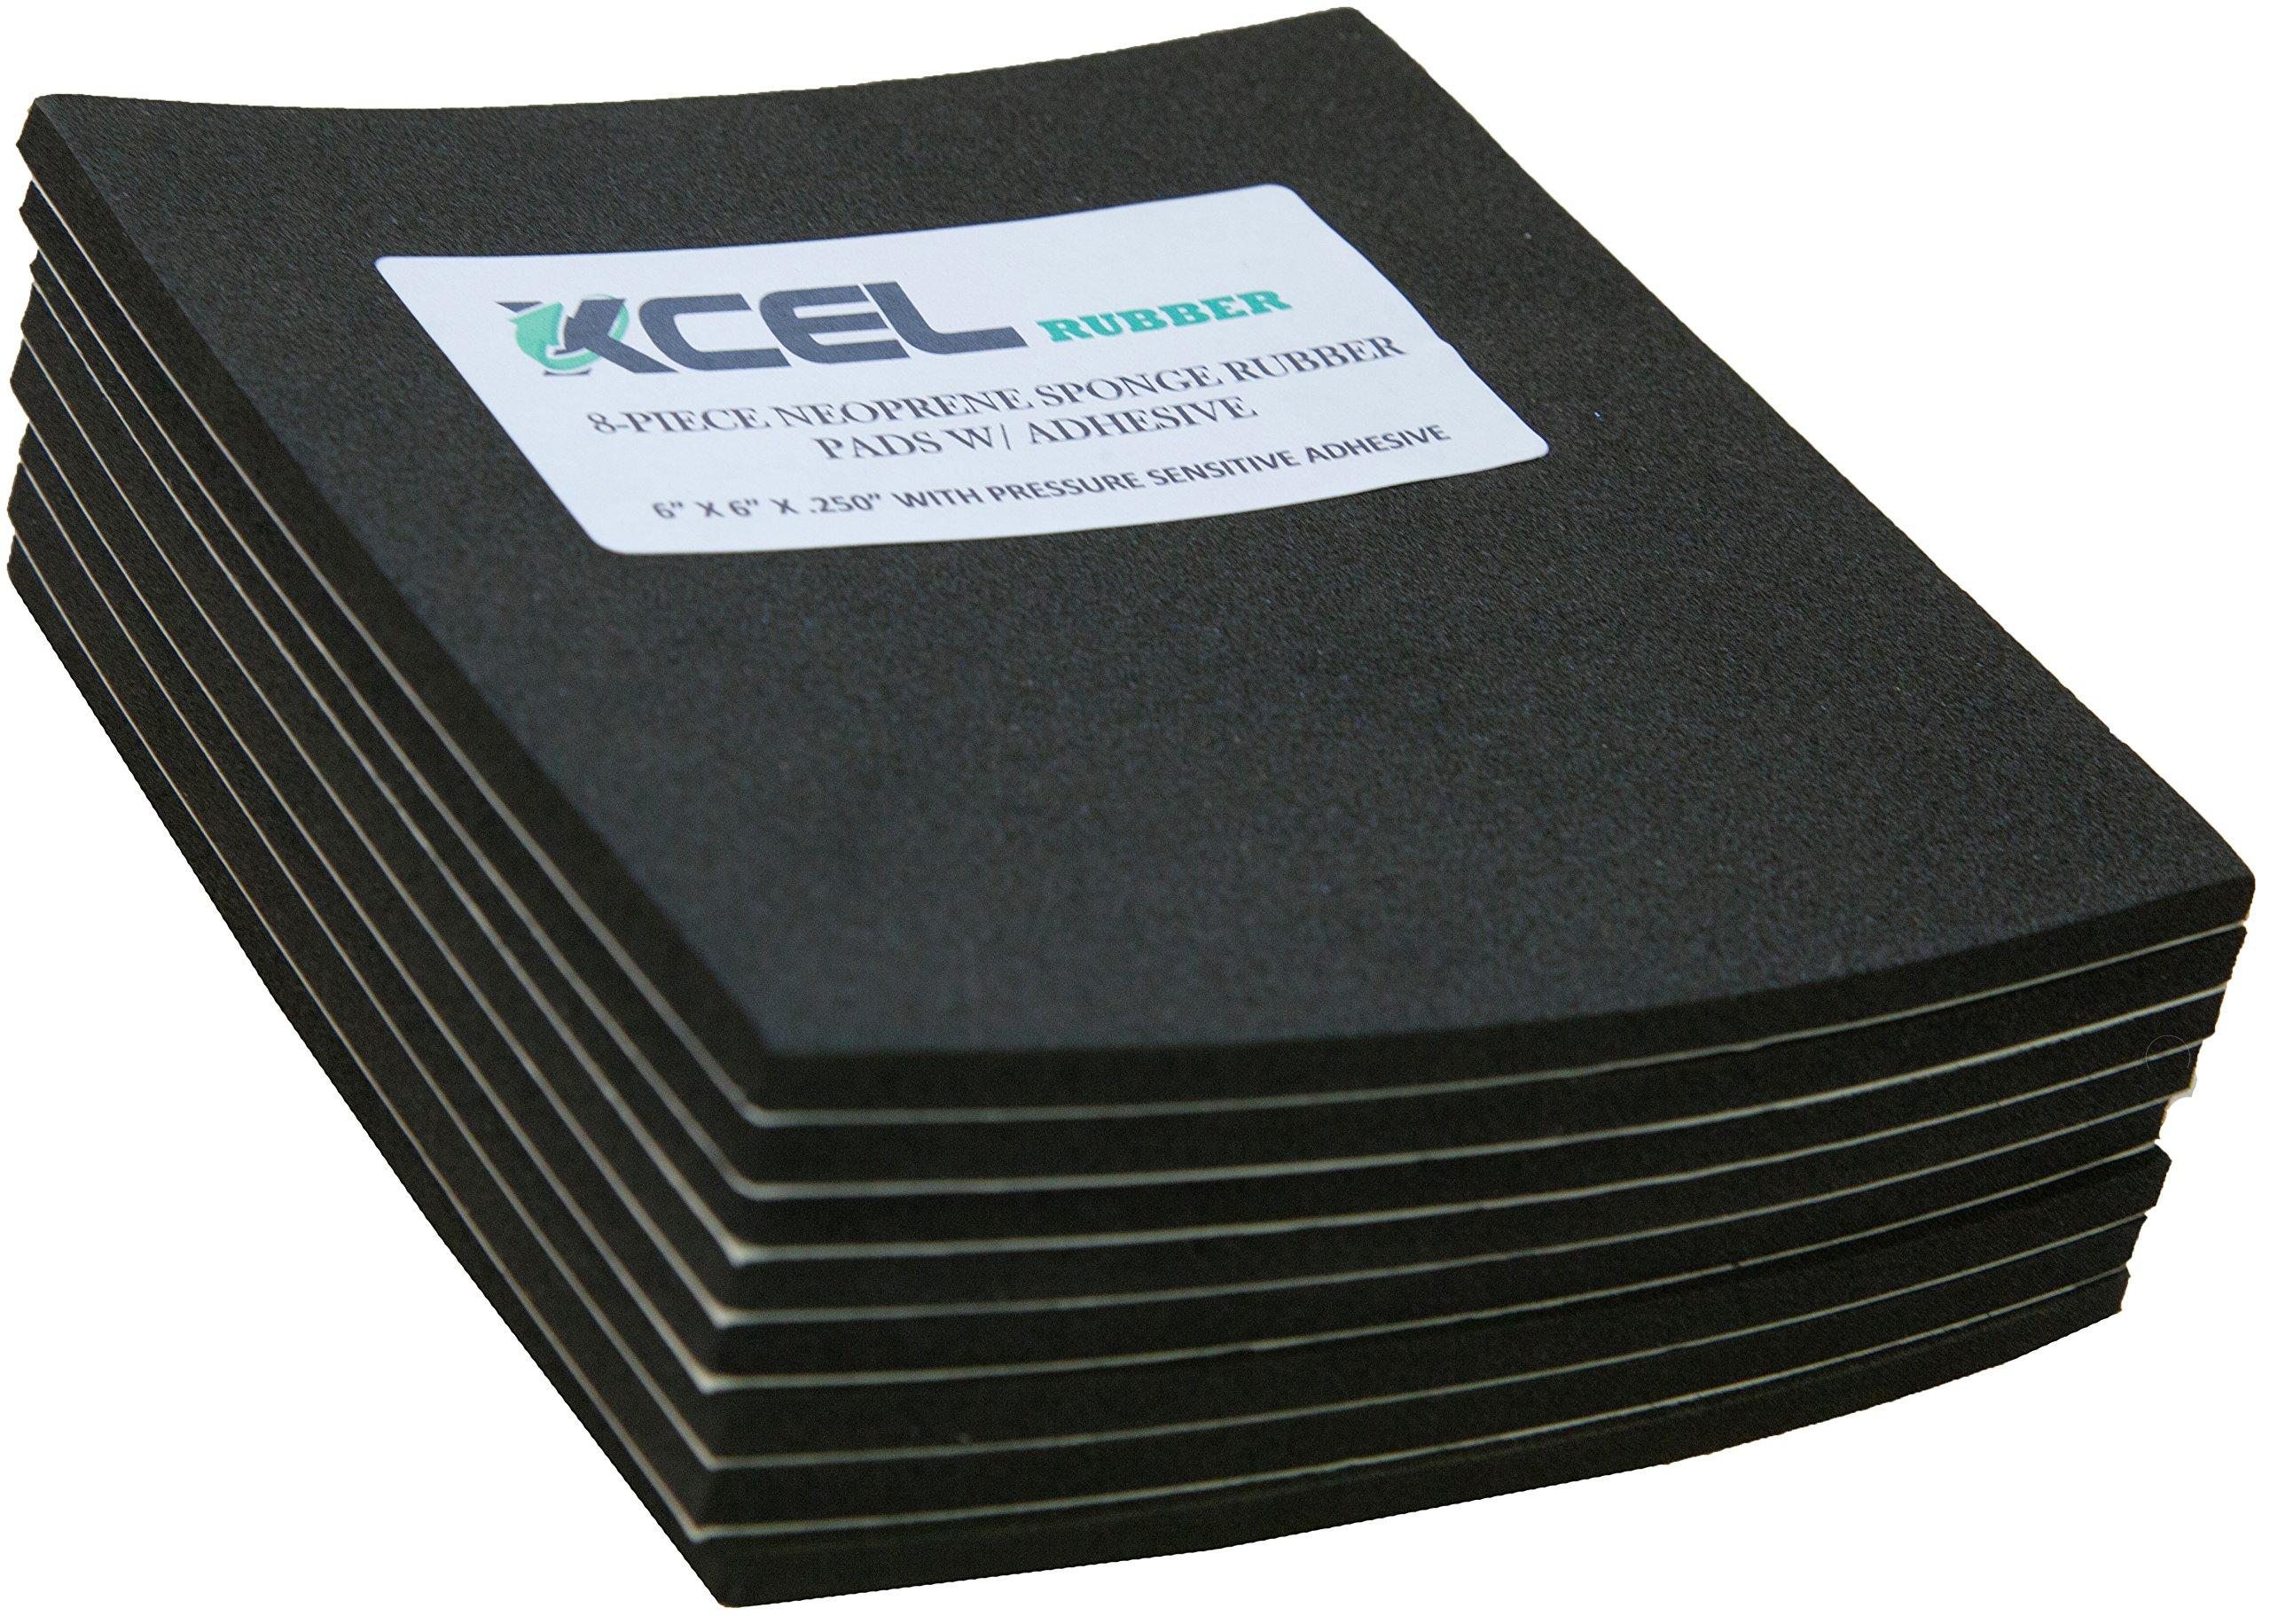 XCEL 8-Piece Sponge Neoprene Rubber Foam Anti-Vibration Pads w/Adhesive 6'' in. x 6'' in. x 1/4'' in.